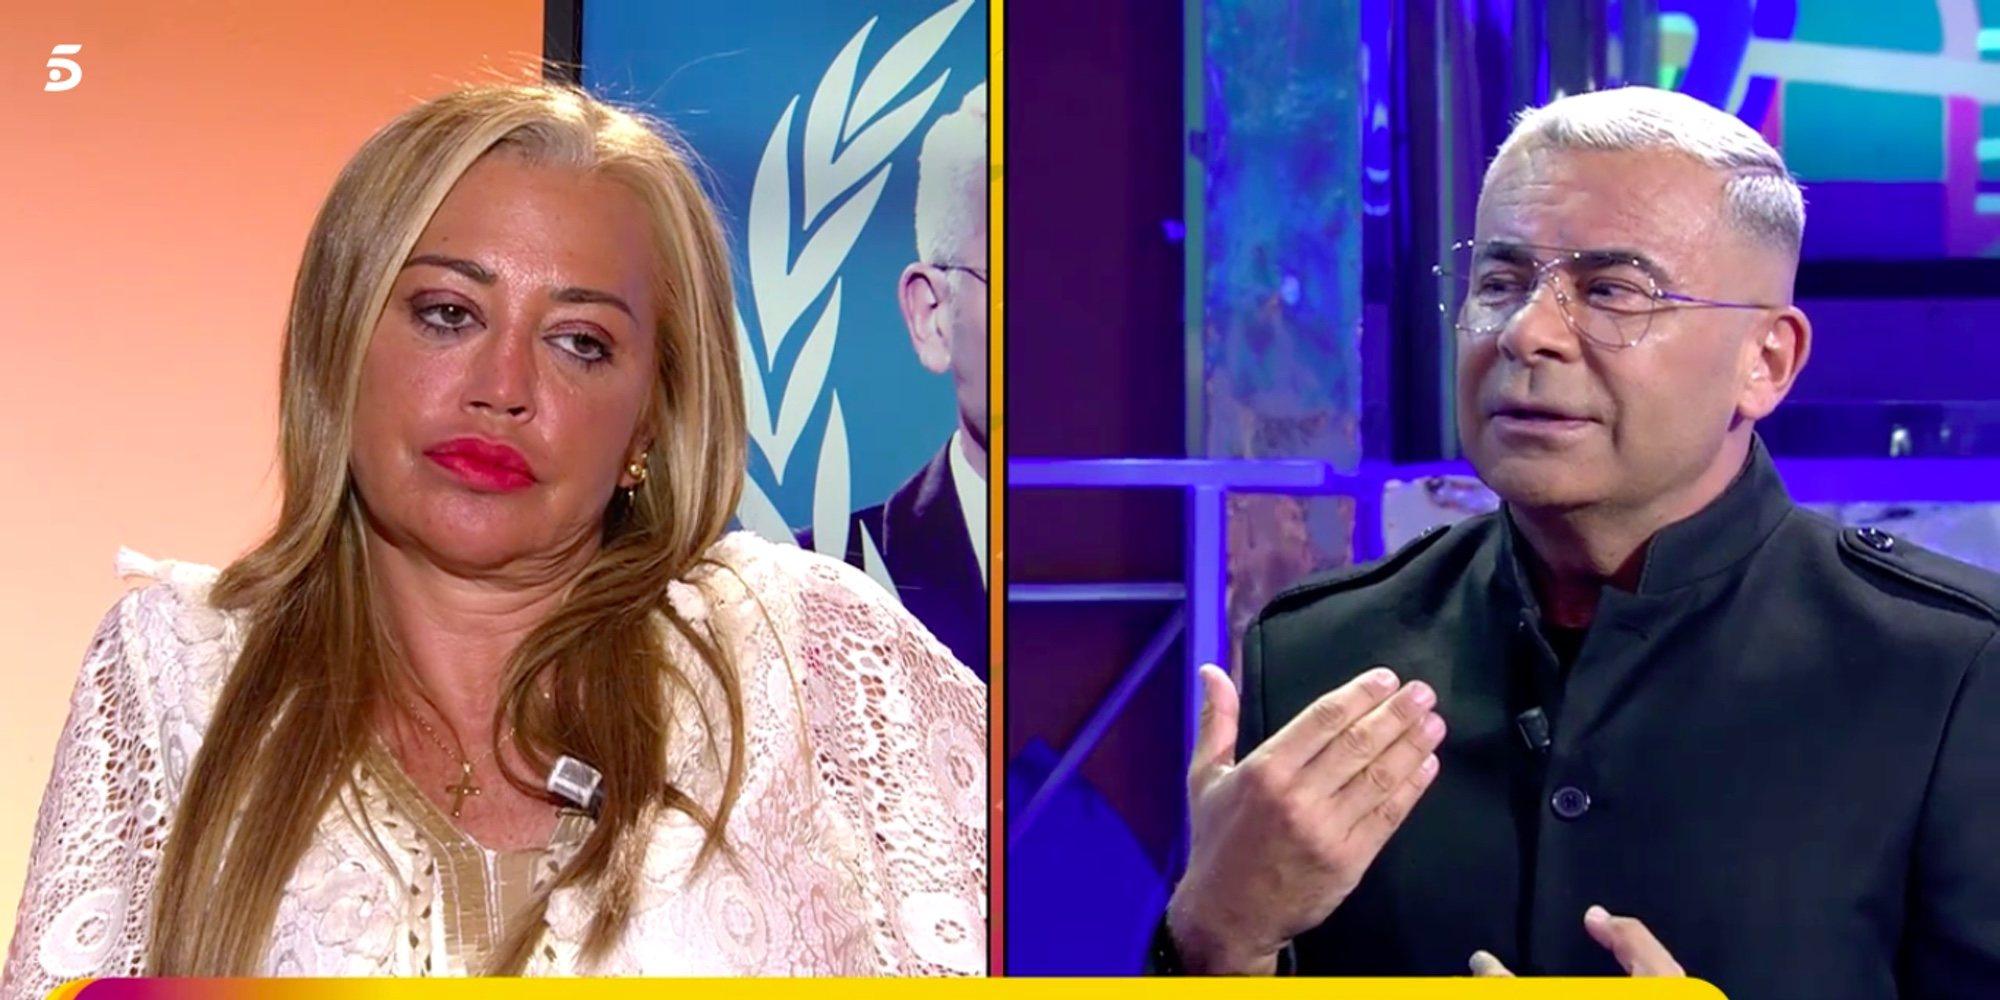 Jorge Javier Vázquez desvela el mensaje con el que trató de hacer las paces con Belén Esteban tras su bronca